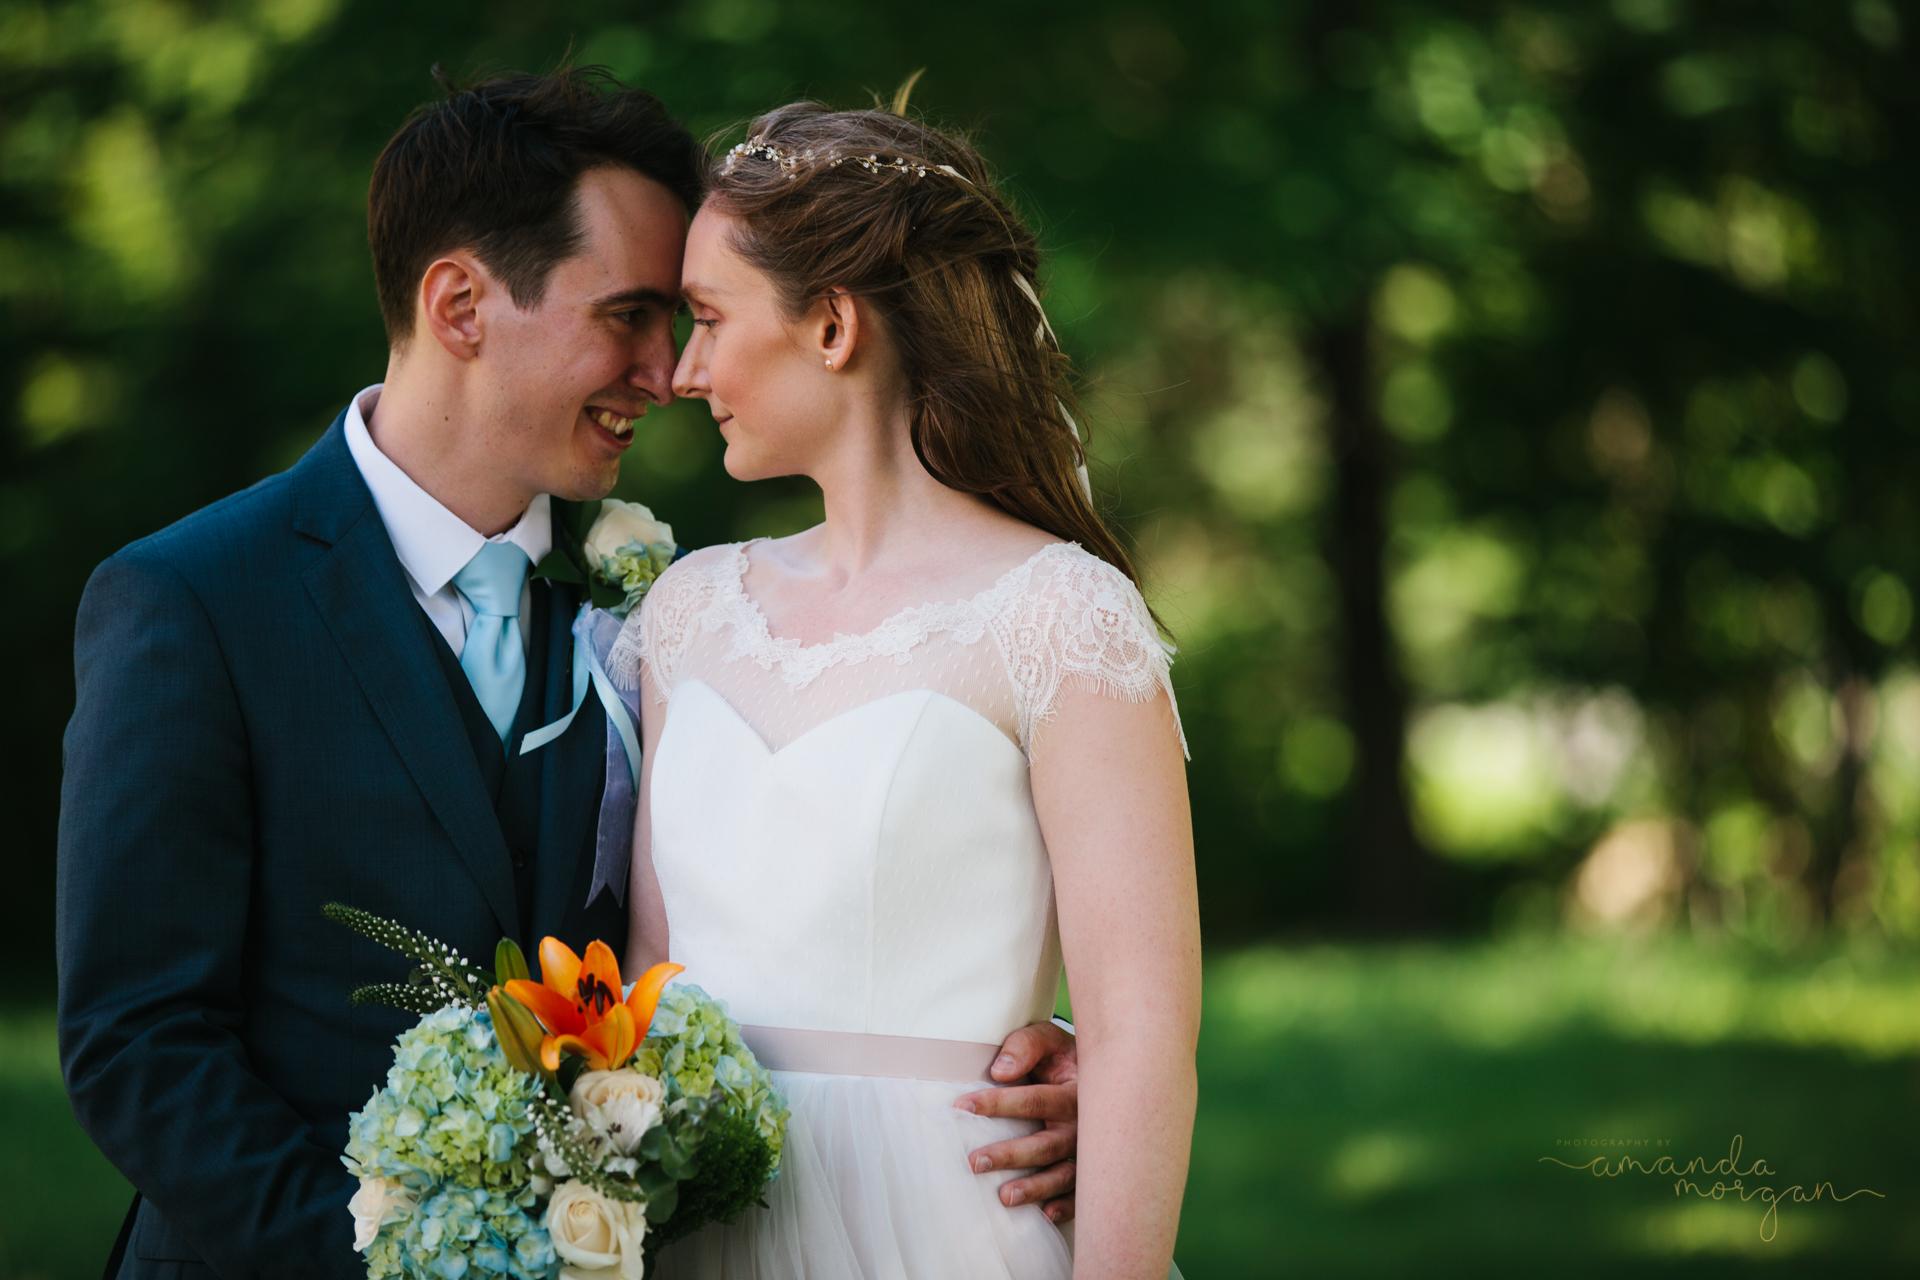 Glimmerstone-Mansion-Vermont-Wedding-Amanda-Morgan-39.jpg